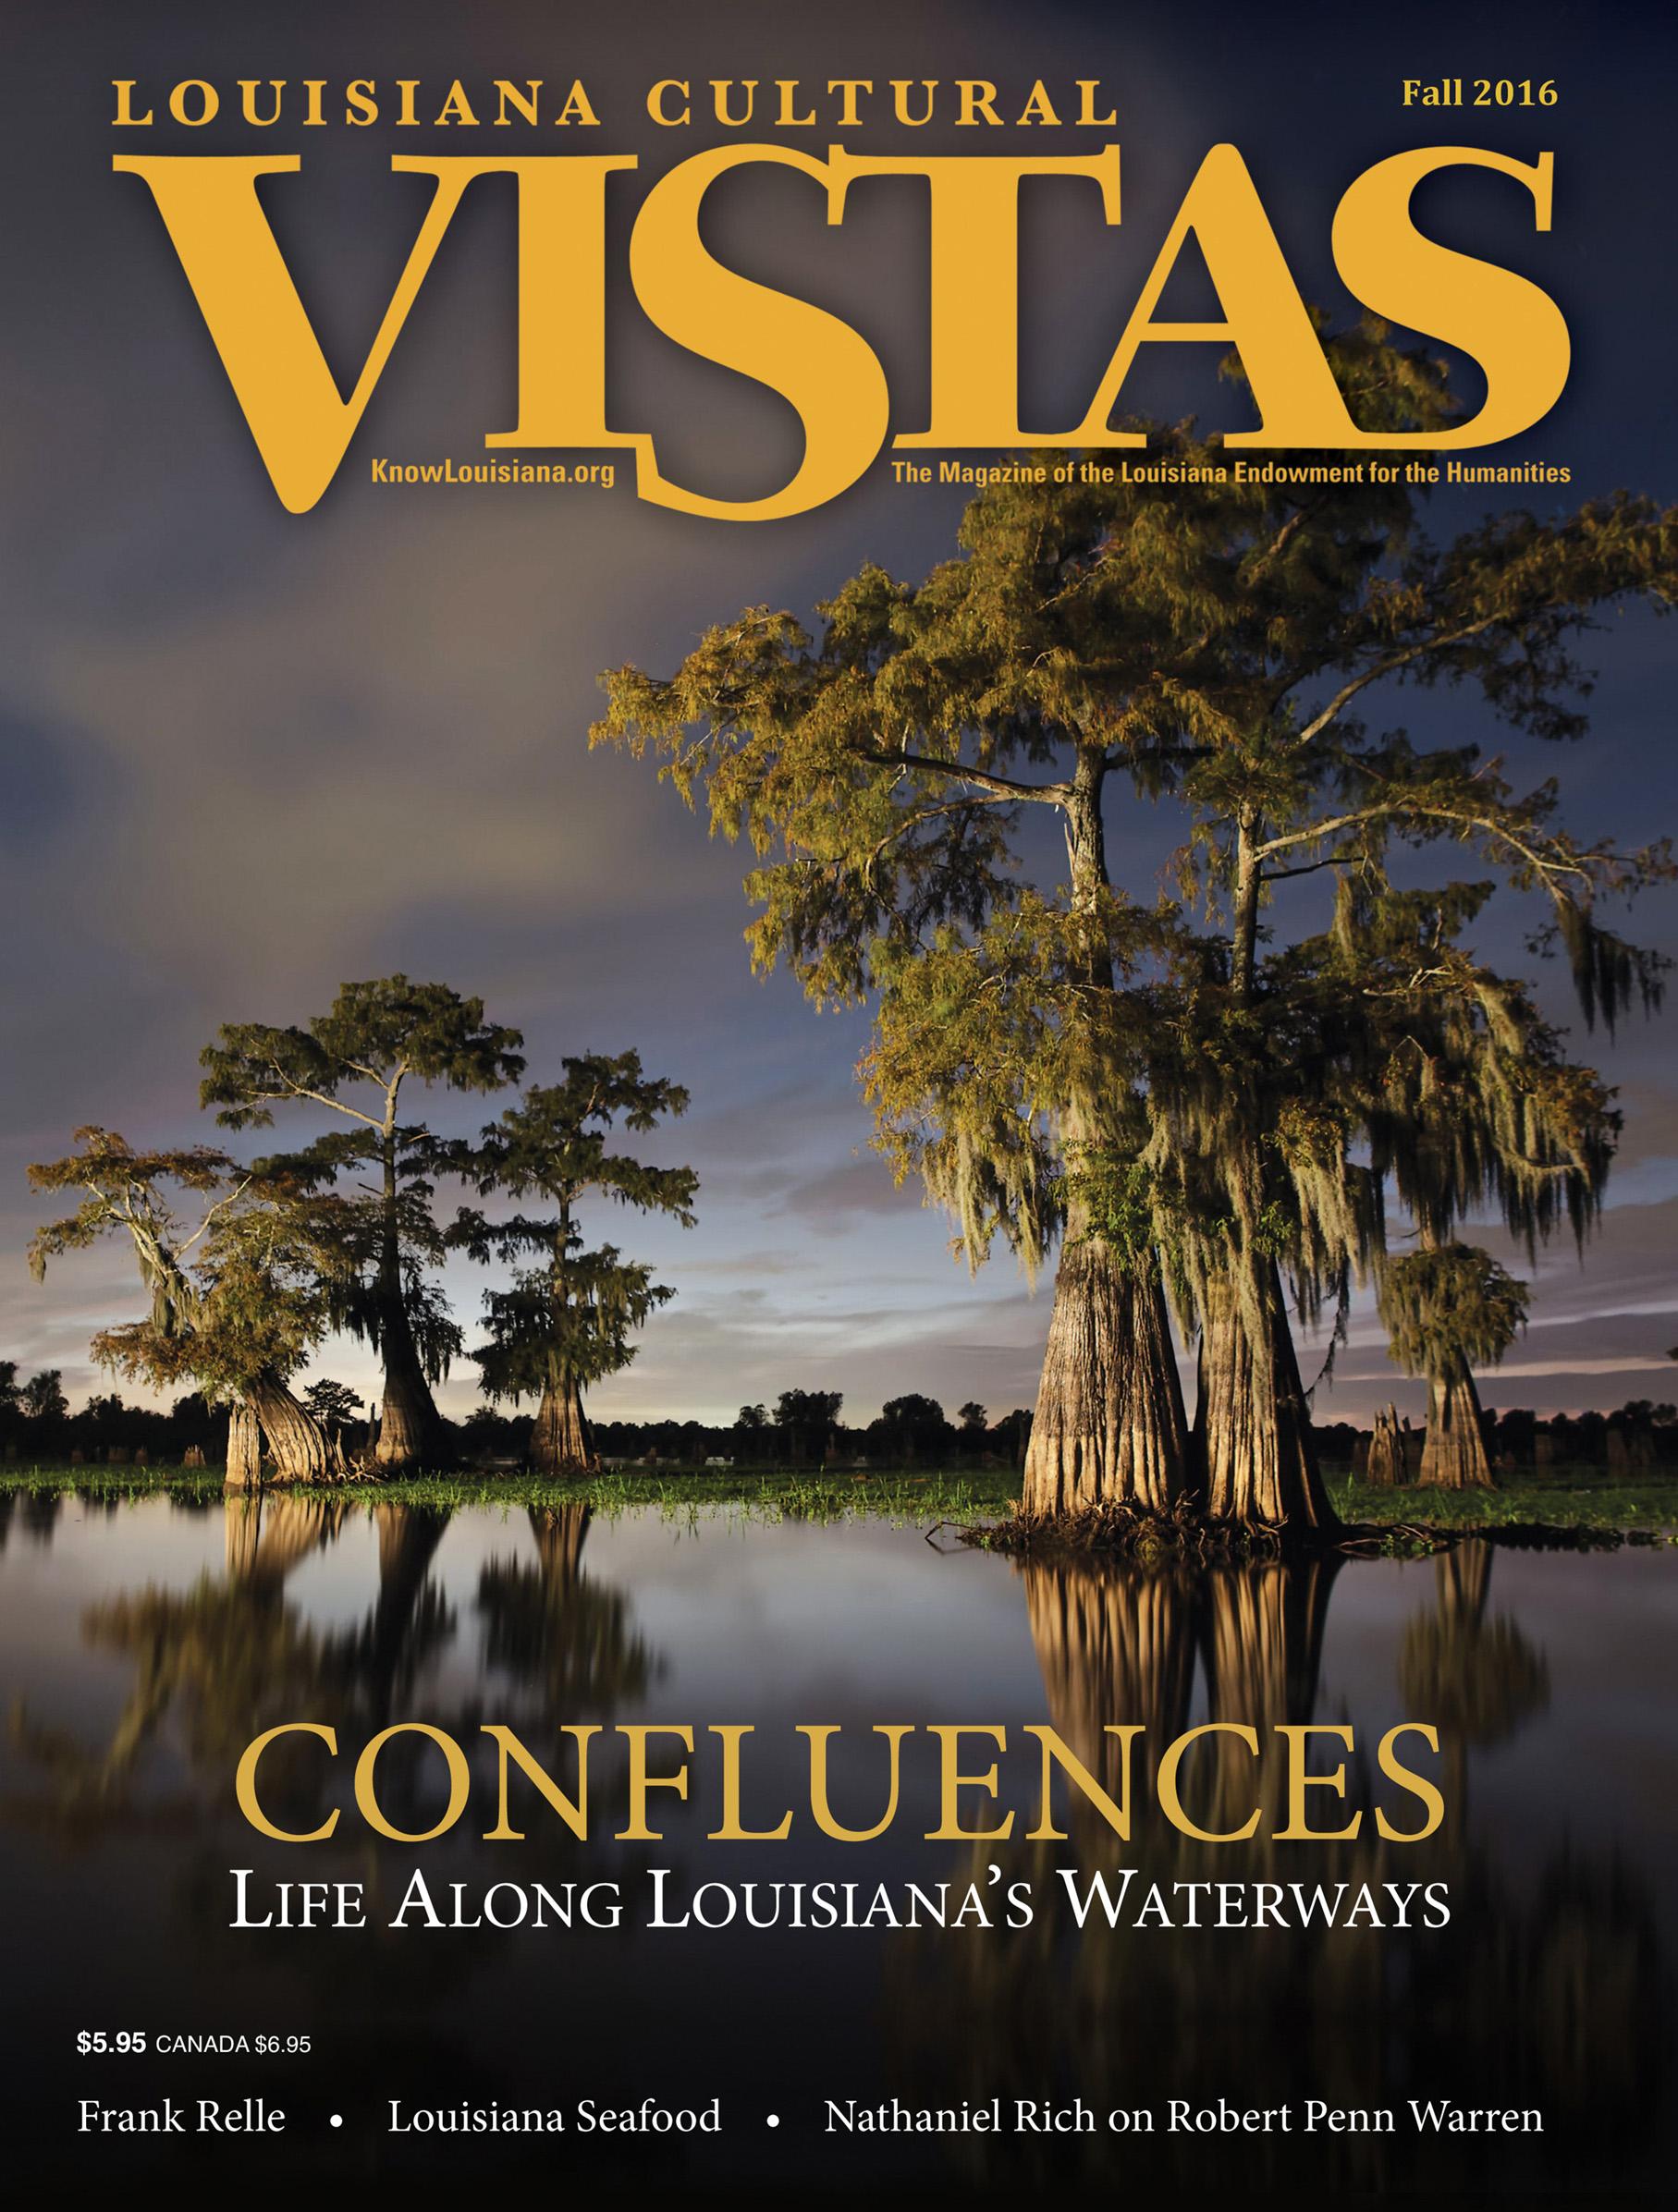 Louisiana Cultural Vistas